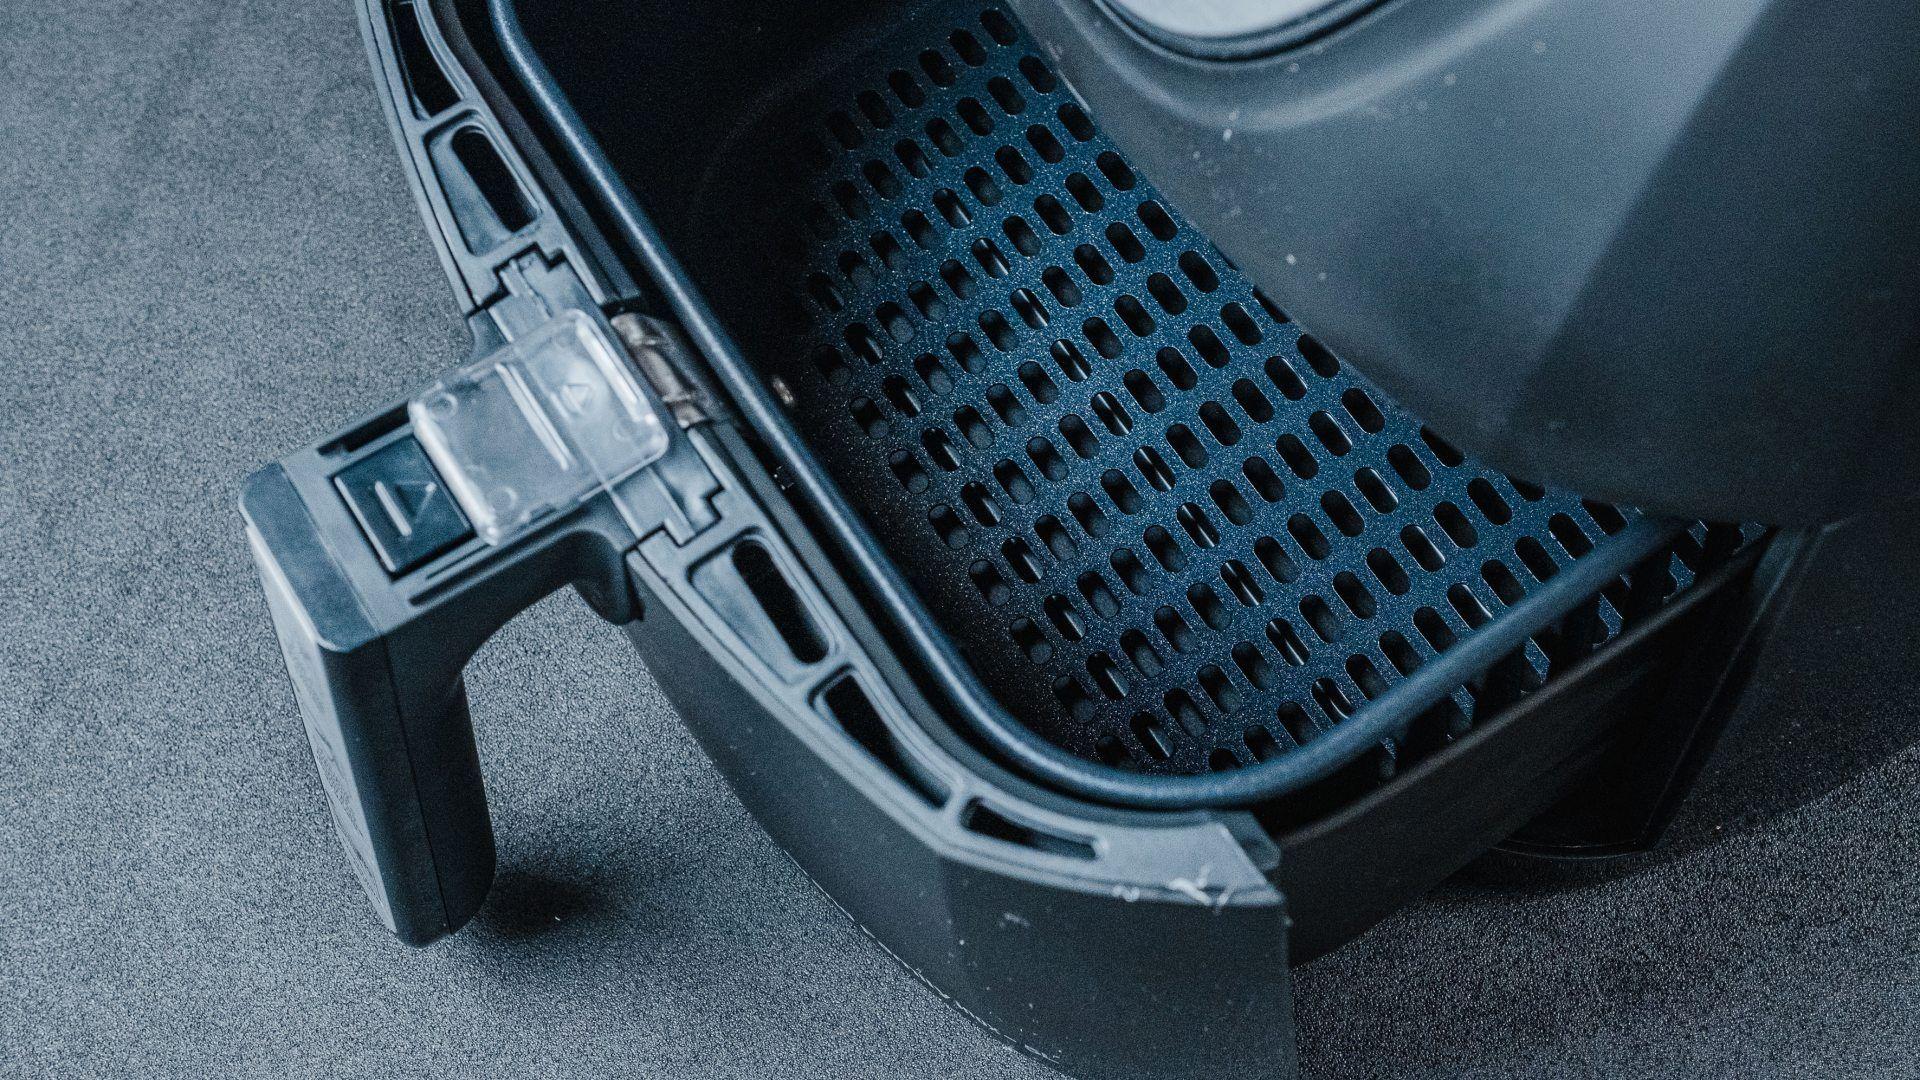 Detalhe da cesta de antiaderente da airfryer Mondial Grand Family Inox (Foto: Zoom)